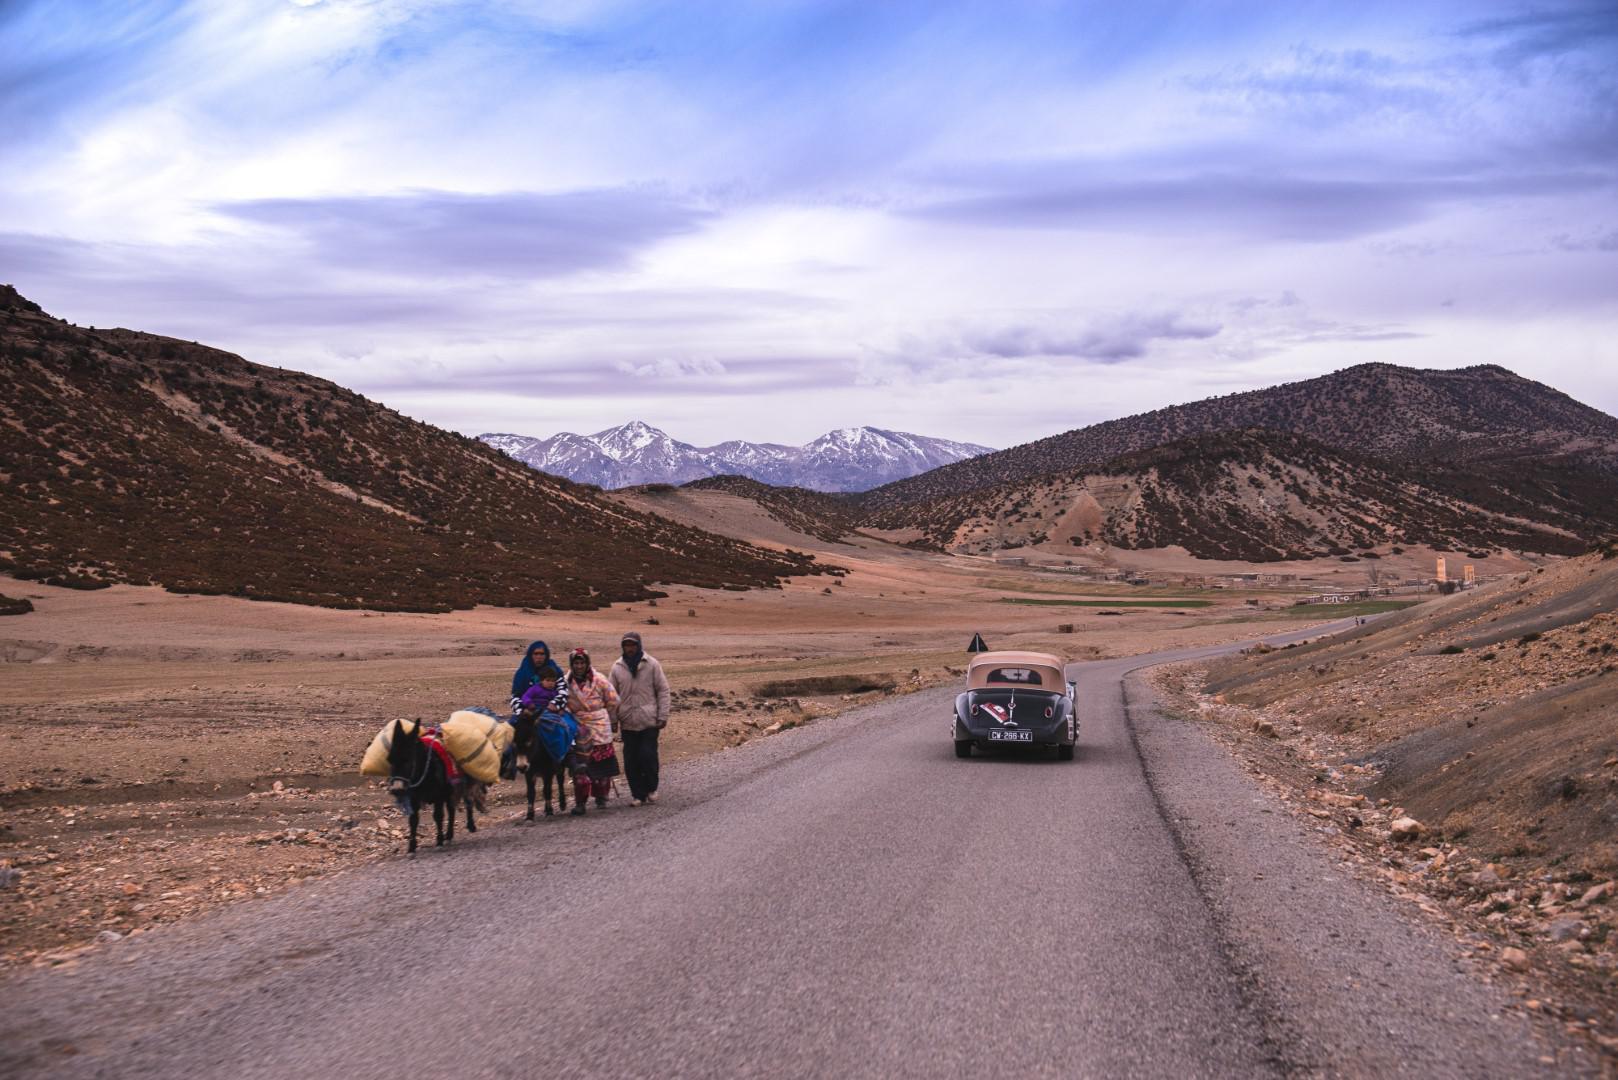 victoire-marocaine-pour-le-25eme-anniversaire-du-rallye-maroc-classic-680-9.jpg